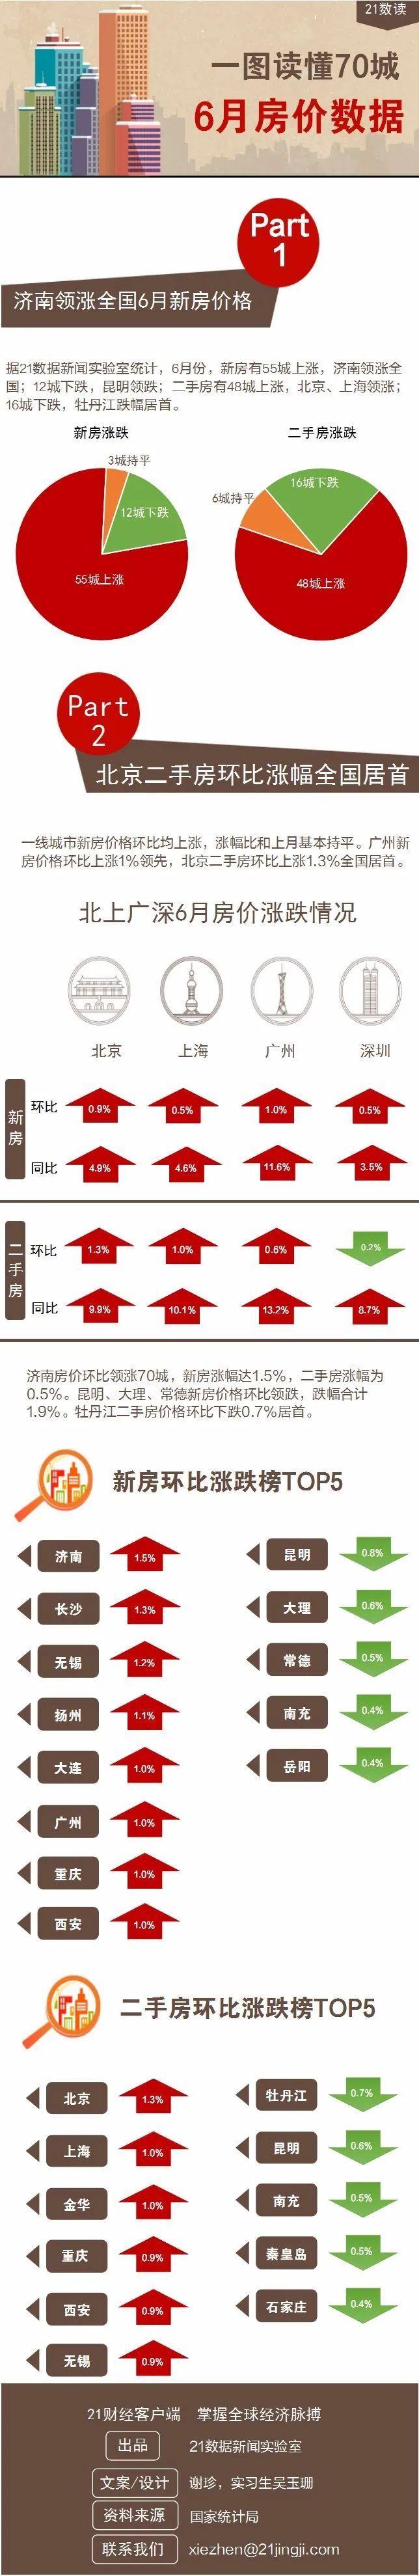 """6月新房、二手房价格上涨城市数量""""双降"""" ,二手房指导价效果仍待检验"""